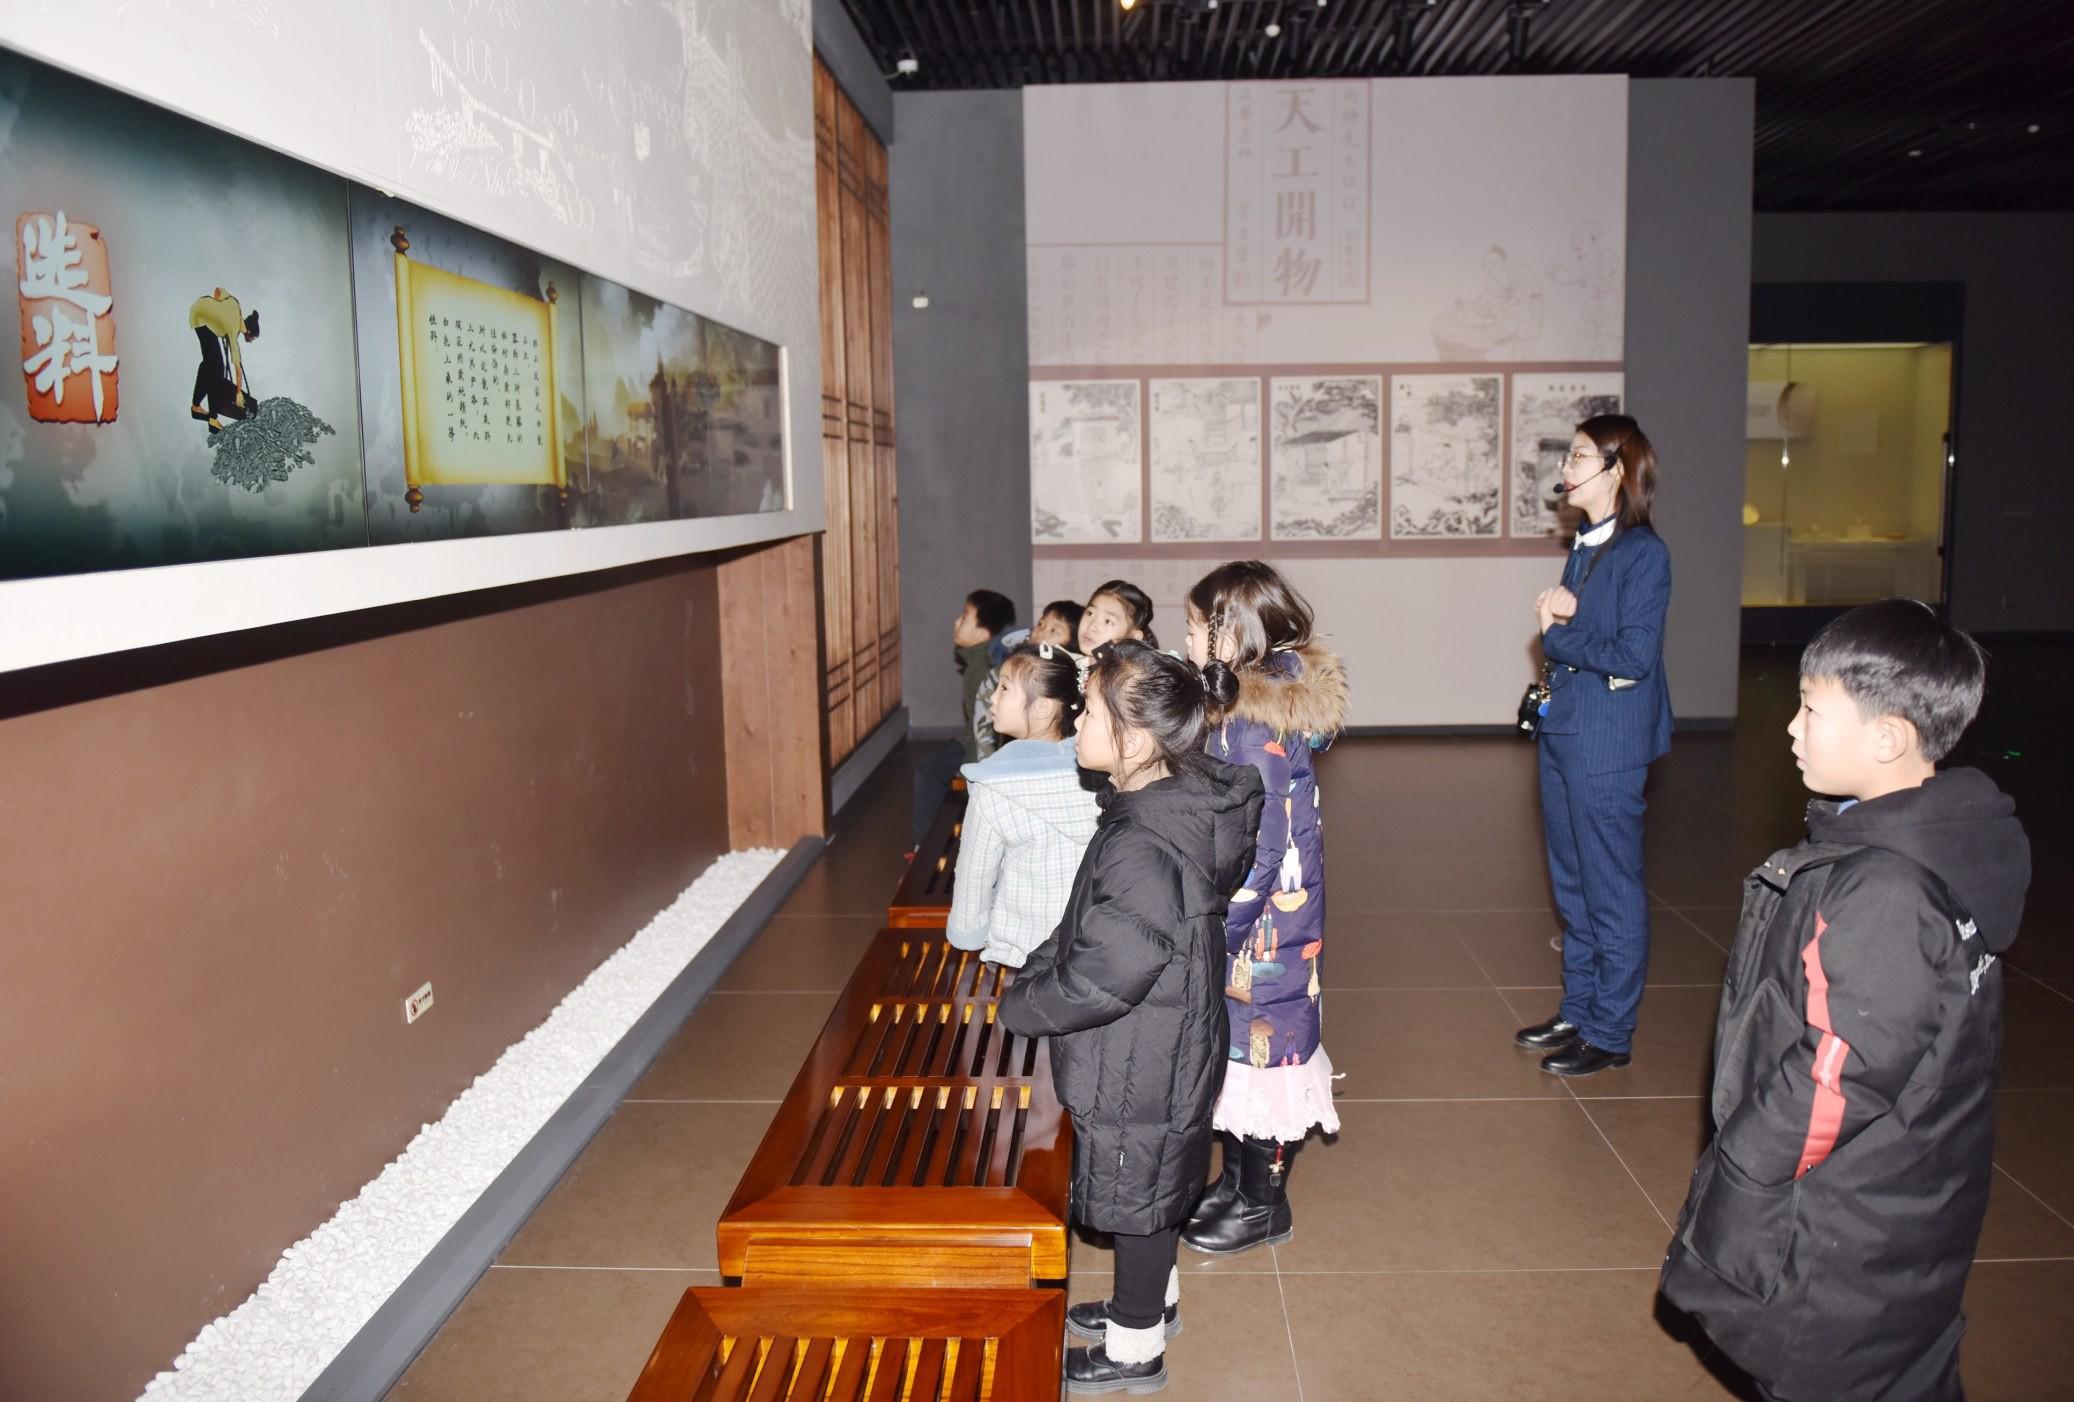 定州市实验小学的孩子们正在参观定州博物馆天下大白展厅